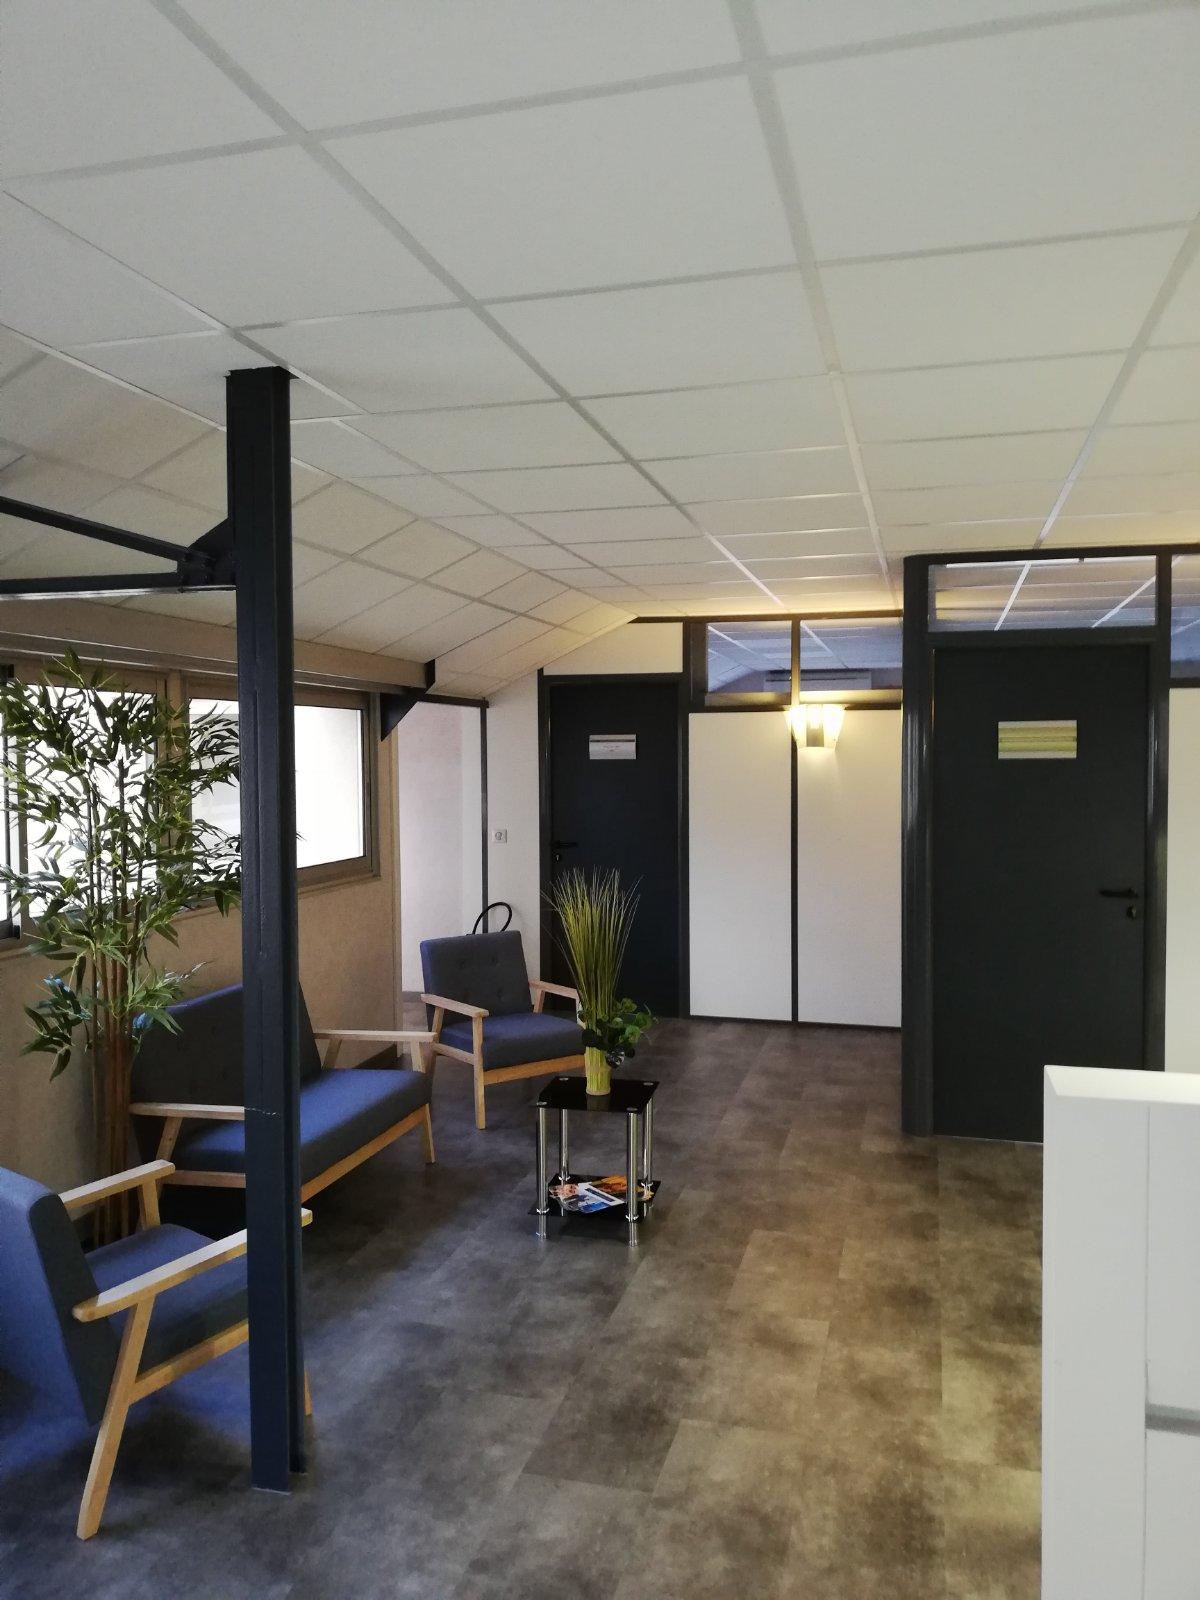 Rénovation de plateau de bureaux. Plafonds suspendus. sols, cloisonnements.  Neopôle Saint Maur des Fossés